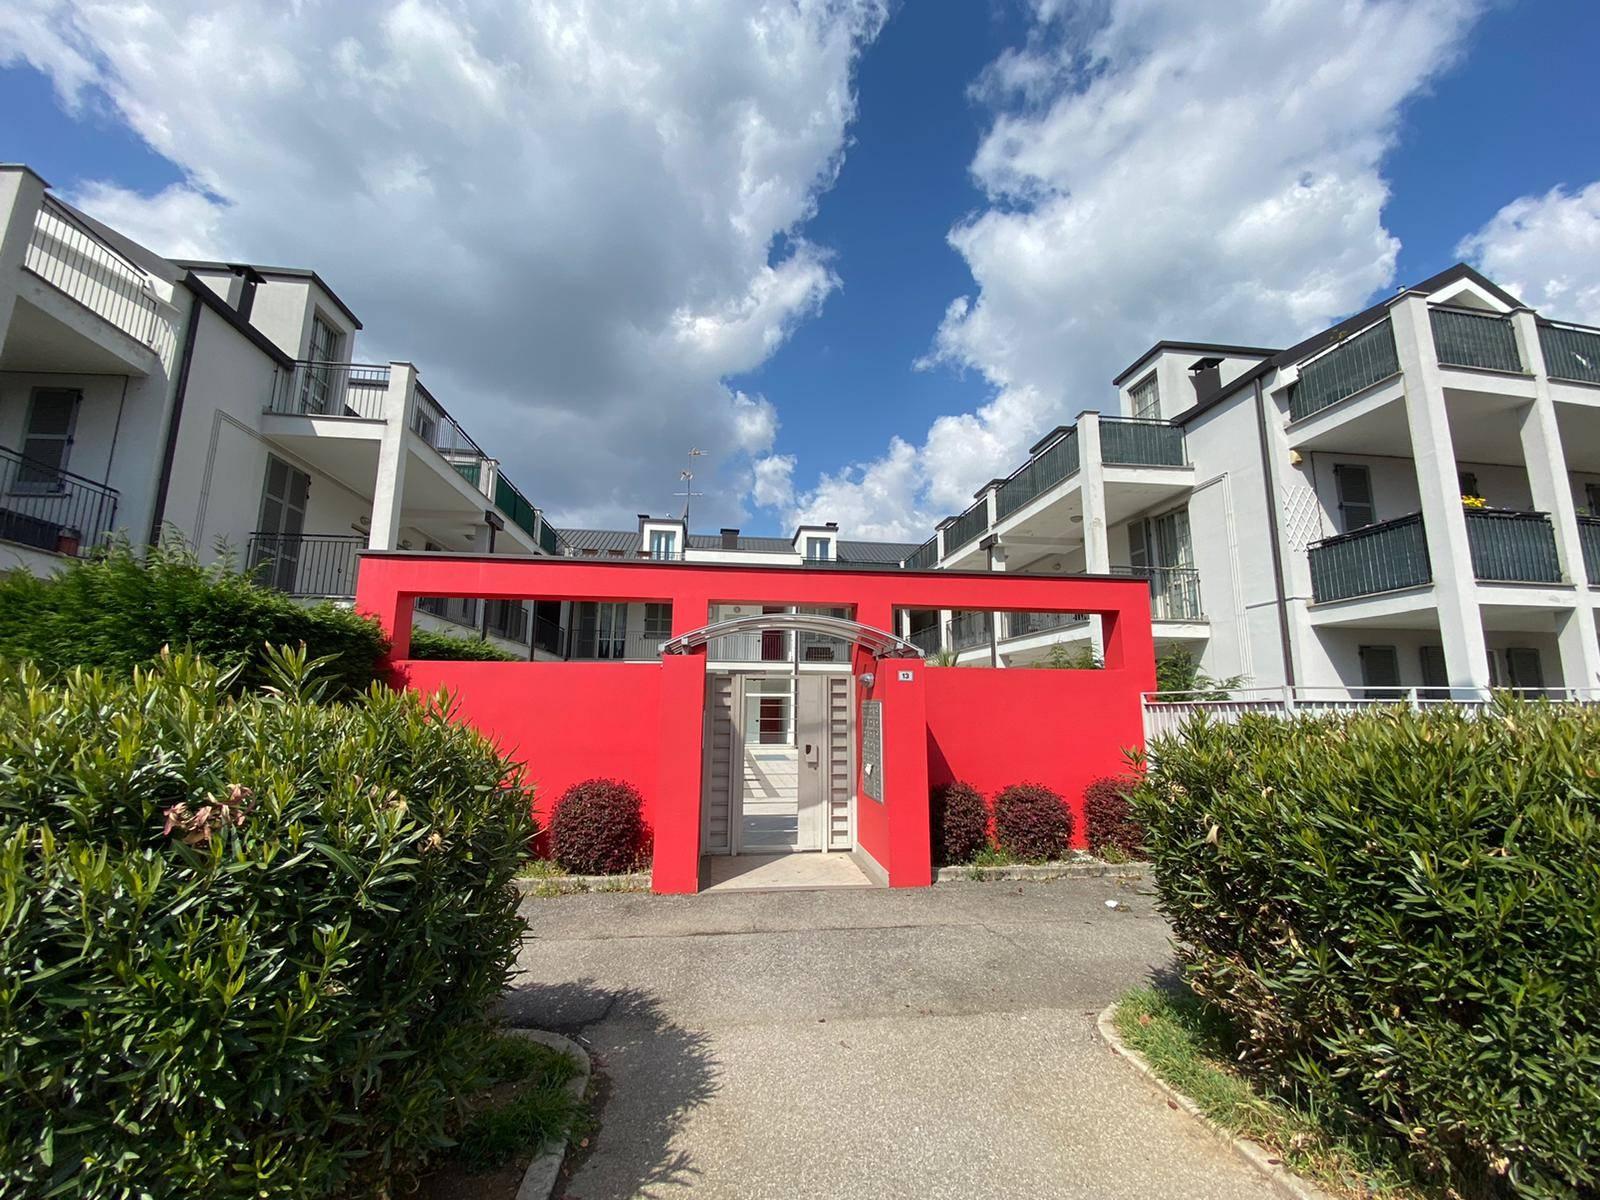 Proponiamo nel comune di Villasanta frazione San Fiorano, splendido immobile semi indipendente di mq 75 commerciali complessivi, posto al piano terra di un complesso residenziale di poche unità